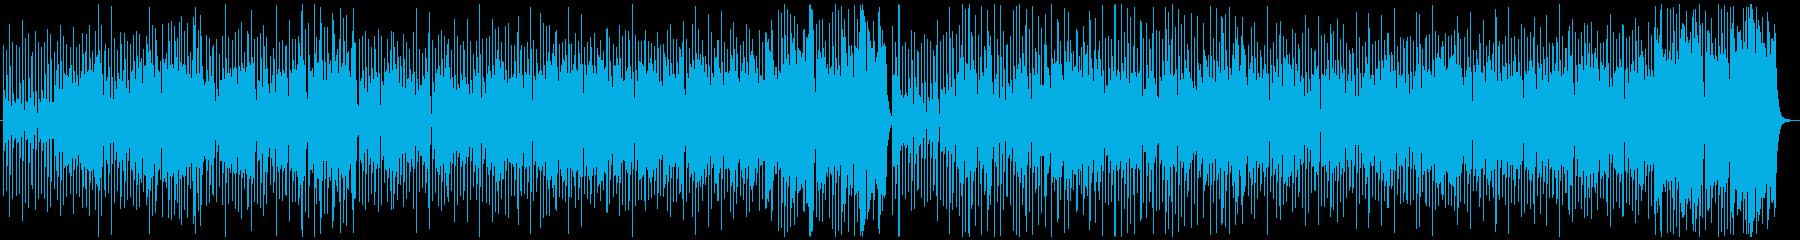 おもちゃの楽器を使ったBGM、愉快楽しいの再生済みの波形